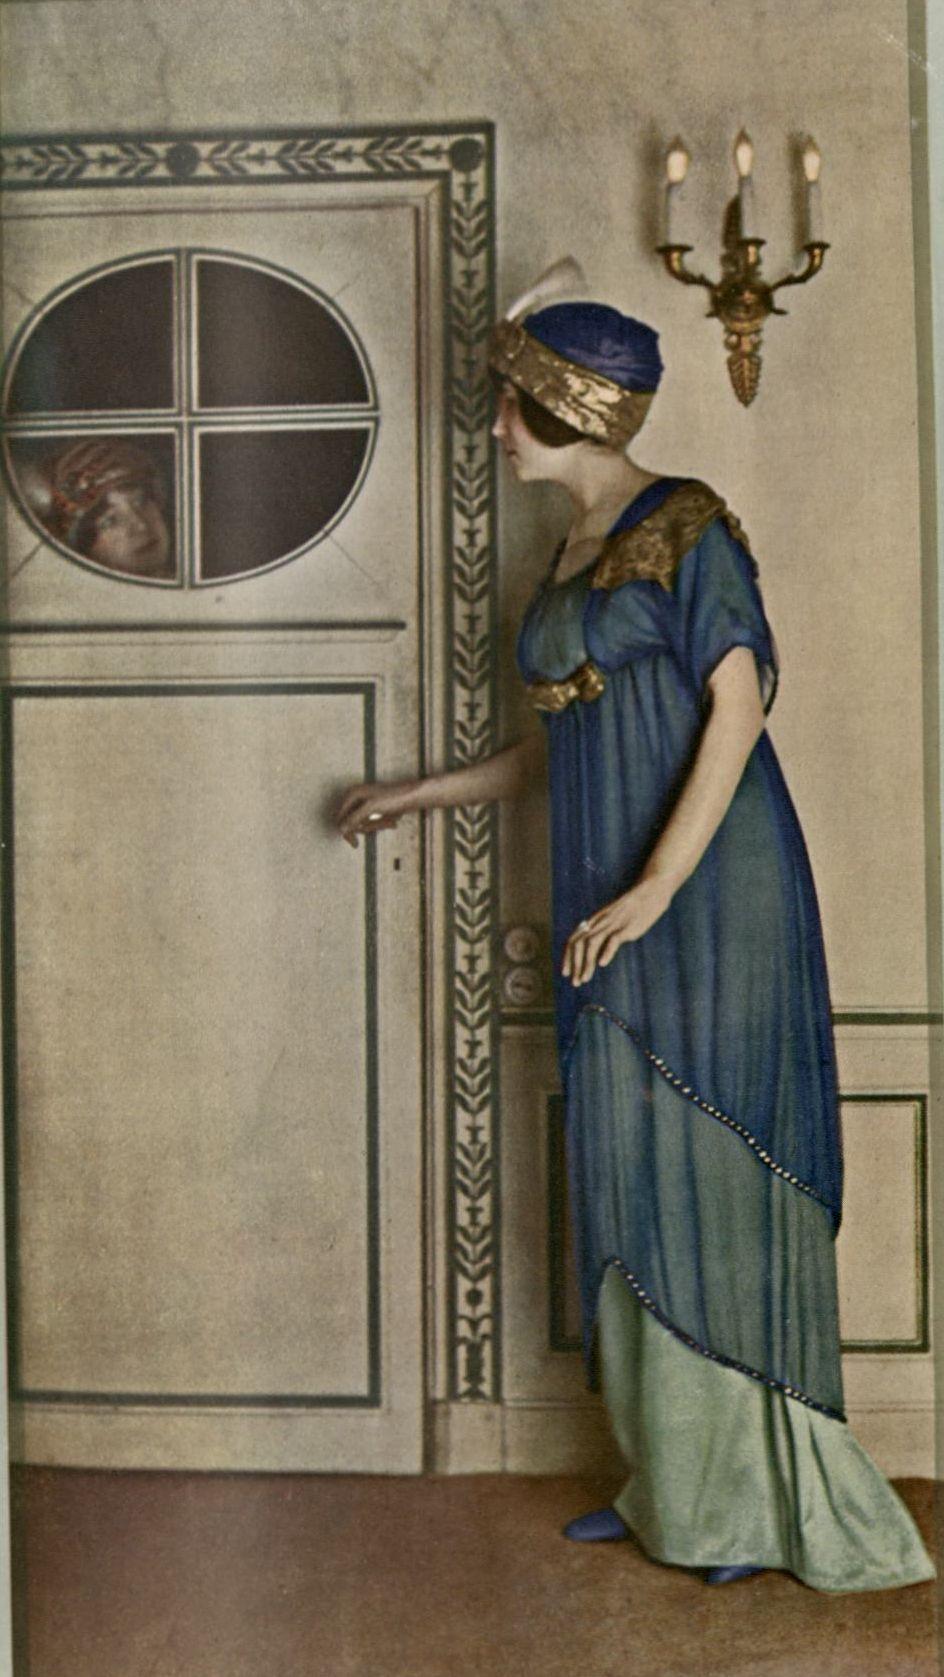 Cheap Paul Poirets Blue Gown Art Et Decoration Nal Ppa Victoria And With Arts  Et Dcoration